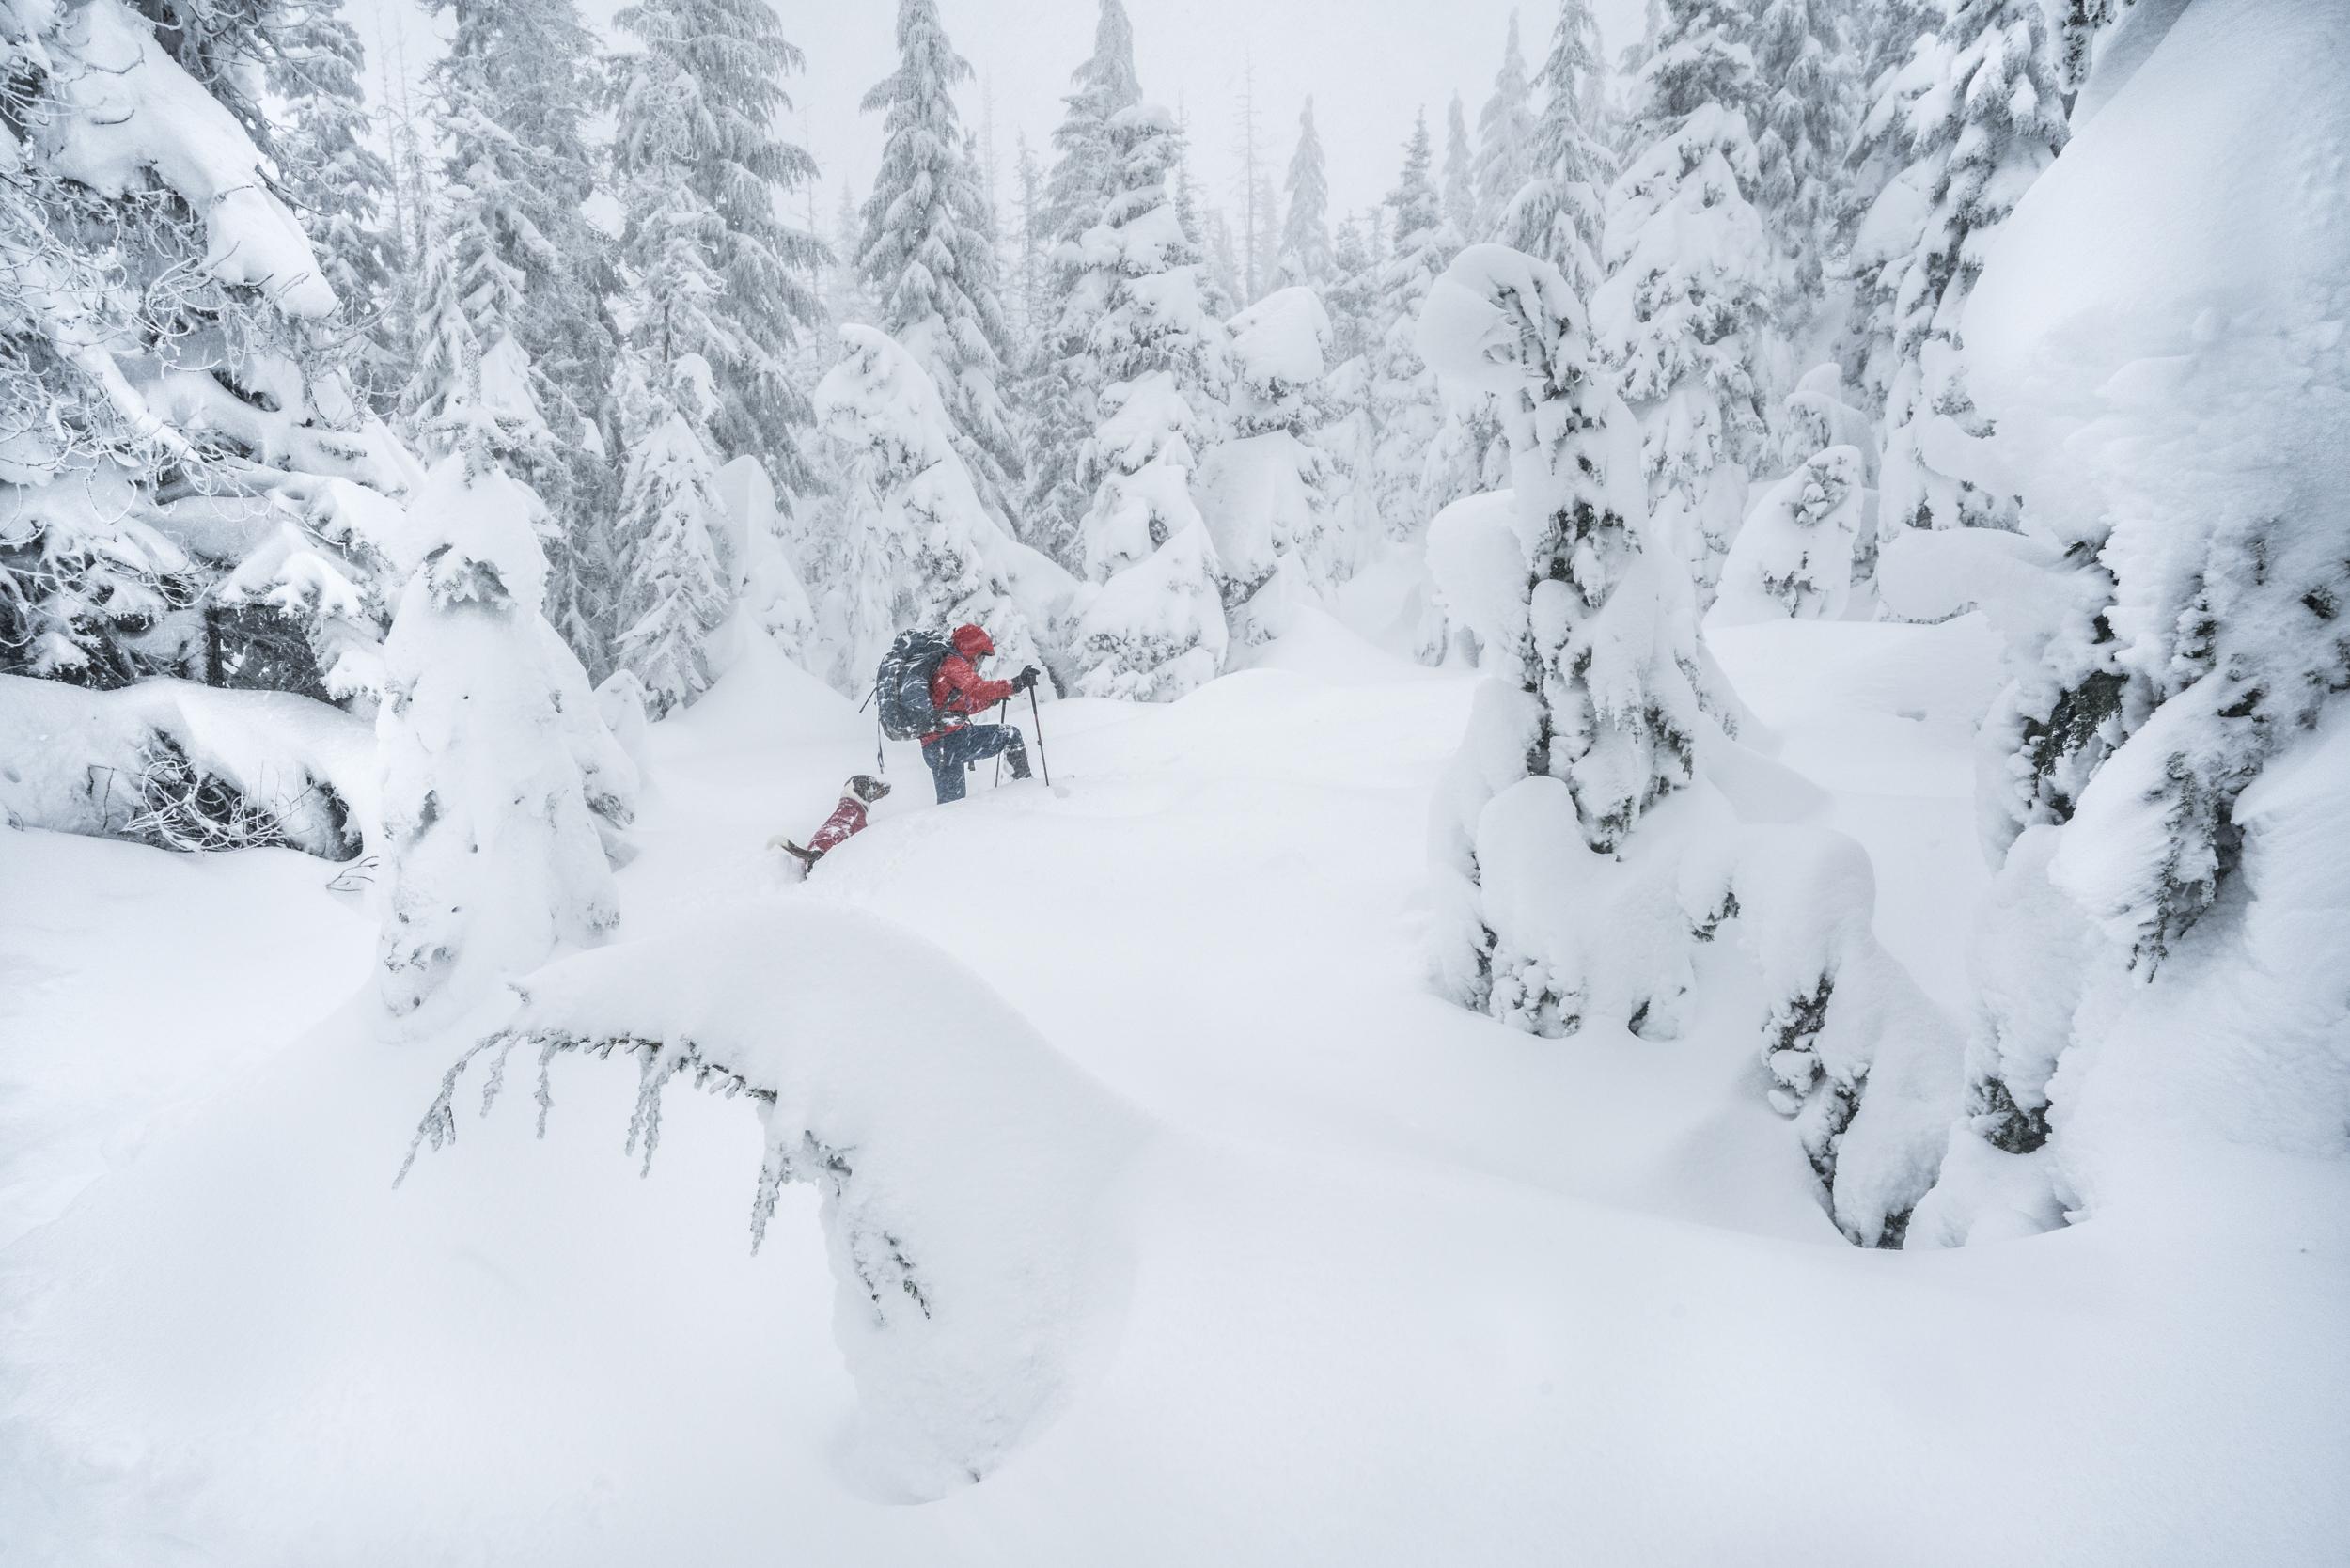 Snowshoeing through the deep snows of Oregon's Cascade Mountains Cascades, Oregon